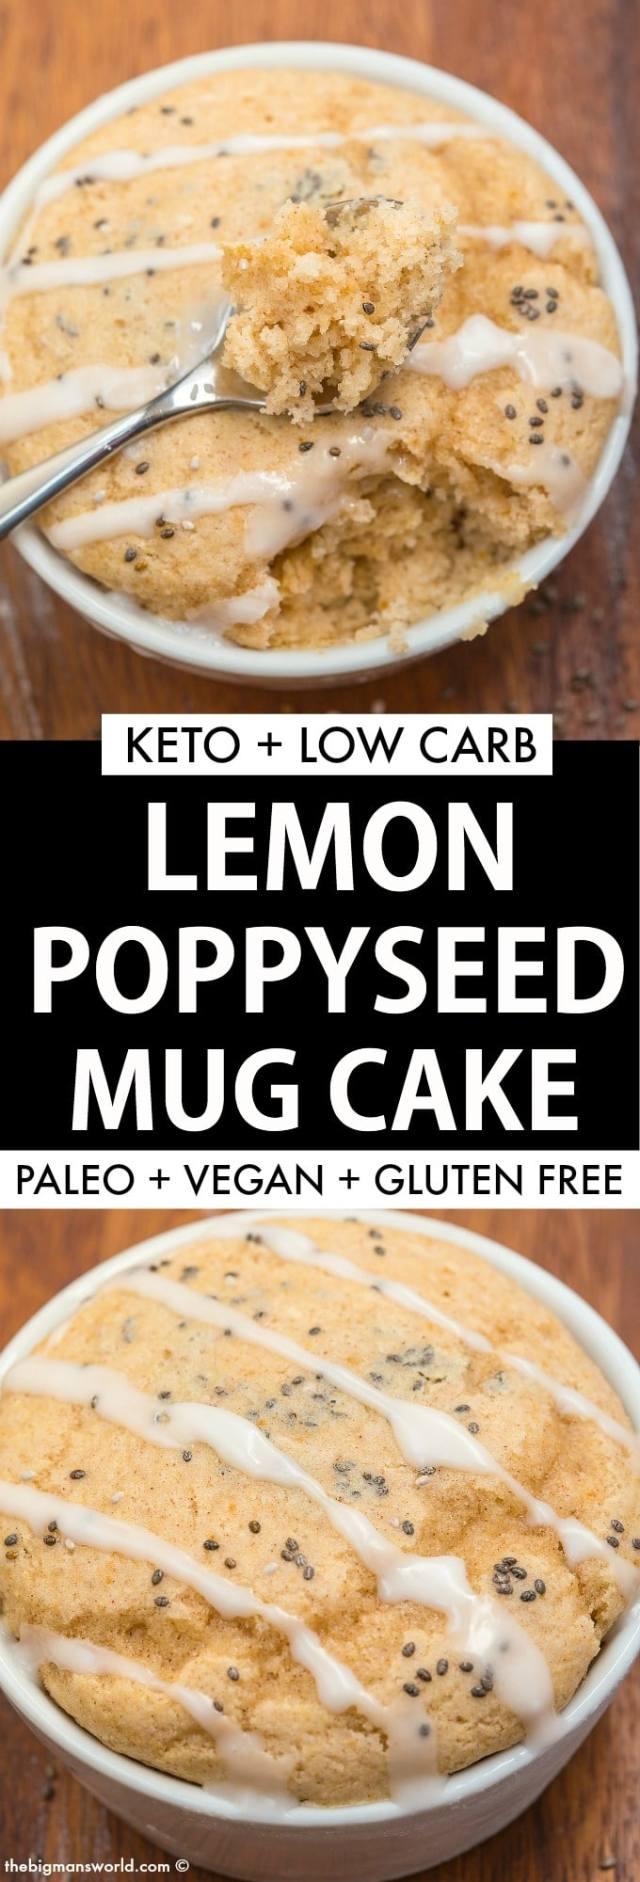 Keto Lemon Poppy Seed Mug Cake (Paleo, Vegan)